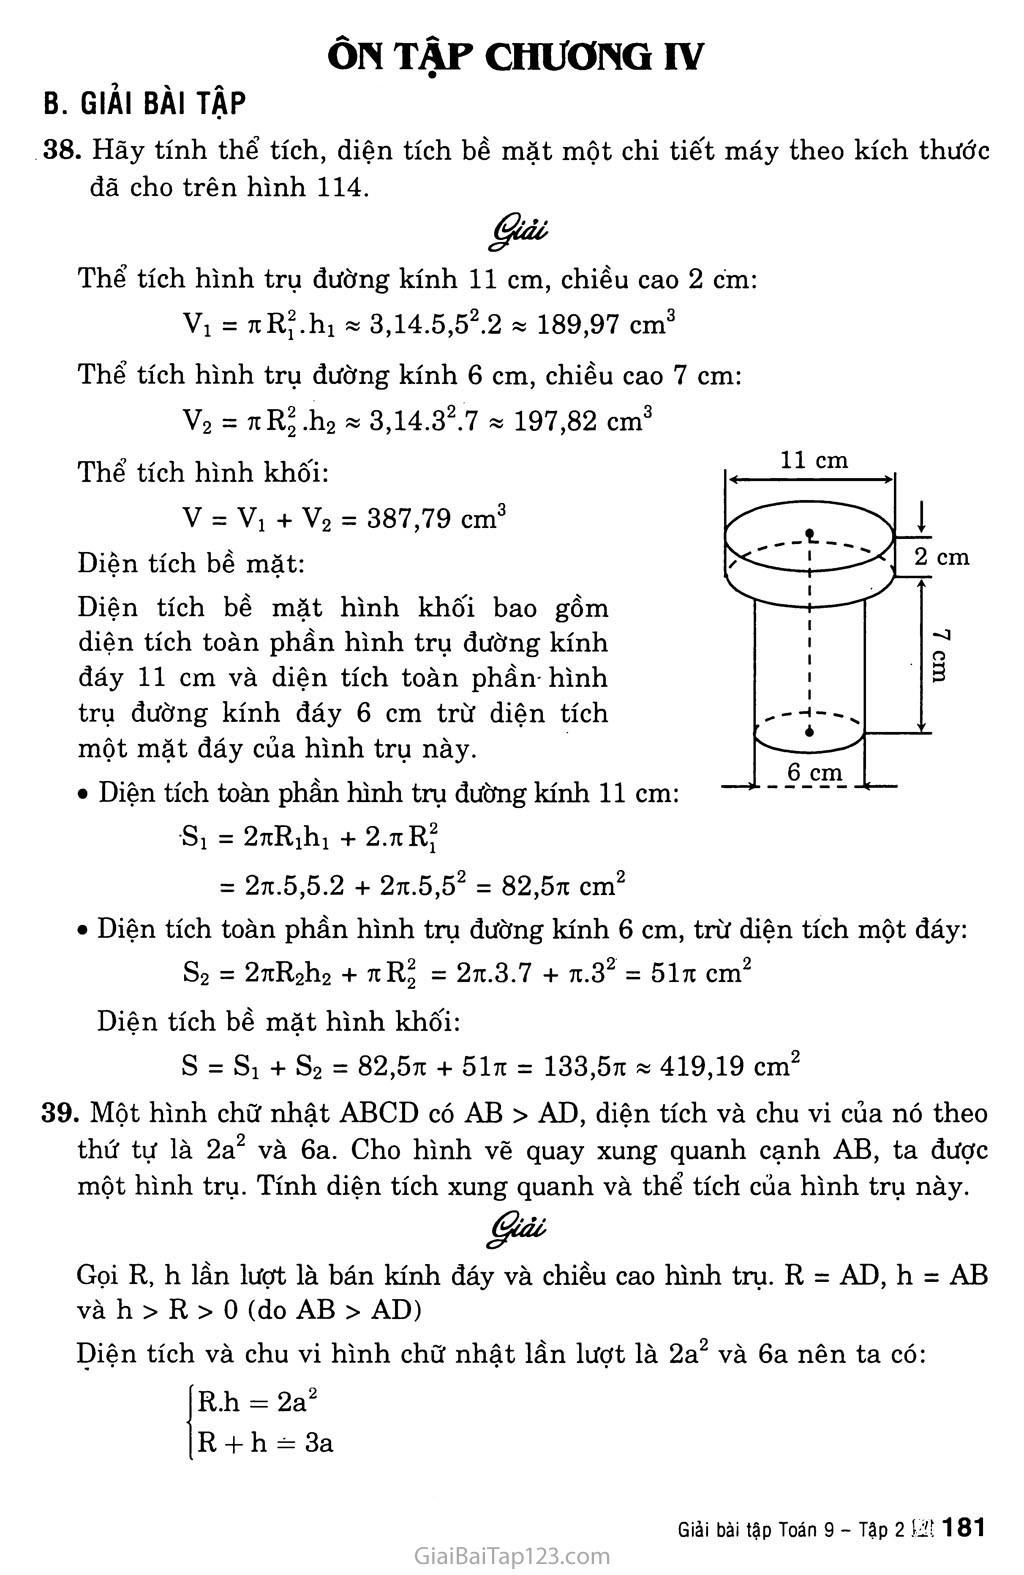 Ôn tâp chươmg IV trang 1